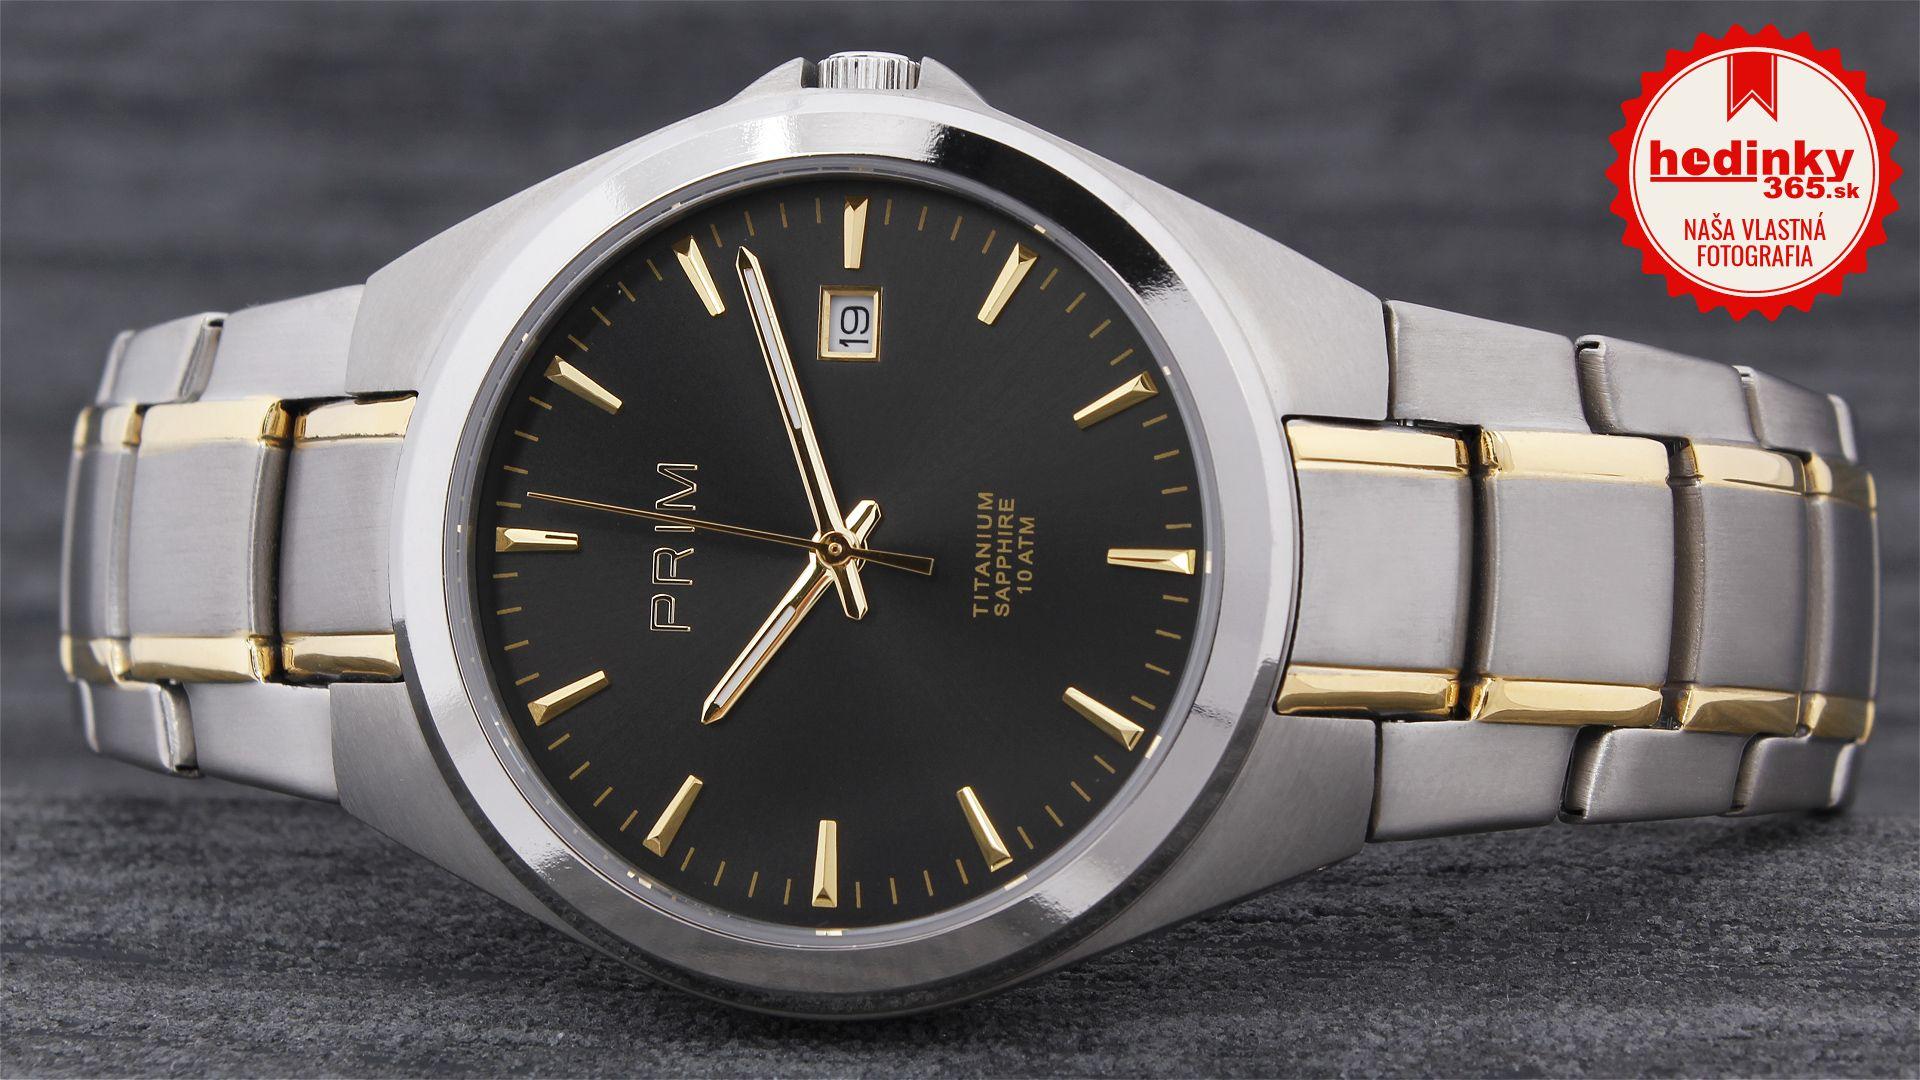 995fc4f7657 Pánske hodinky - titánový remienok